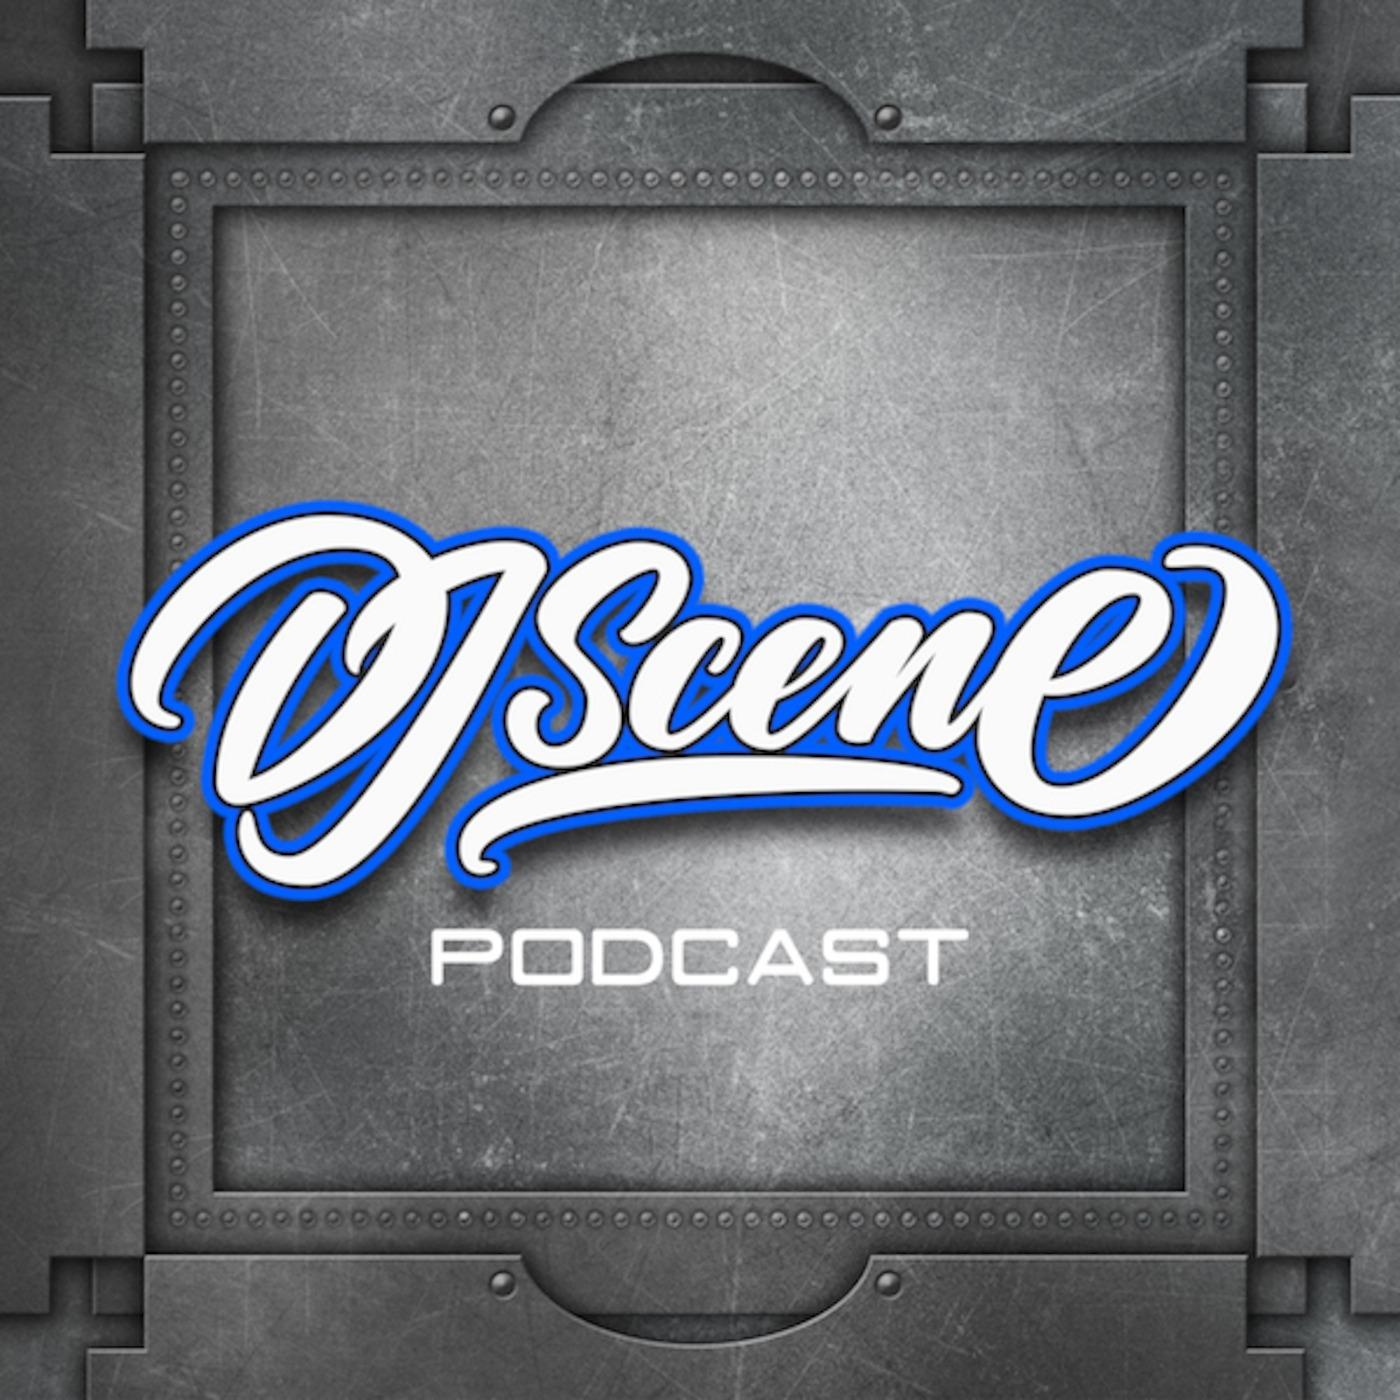 DJ SCENE PODCAST - MOON FM